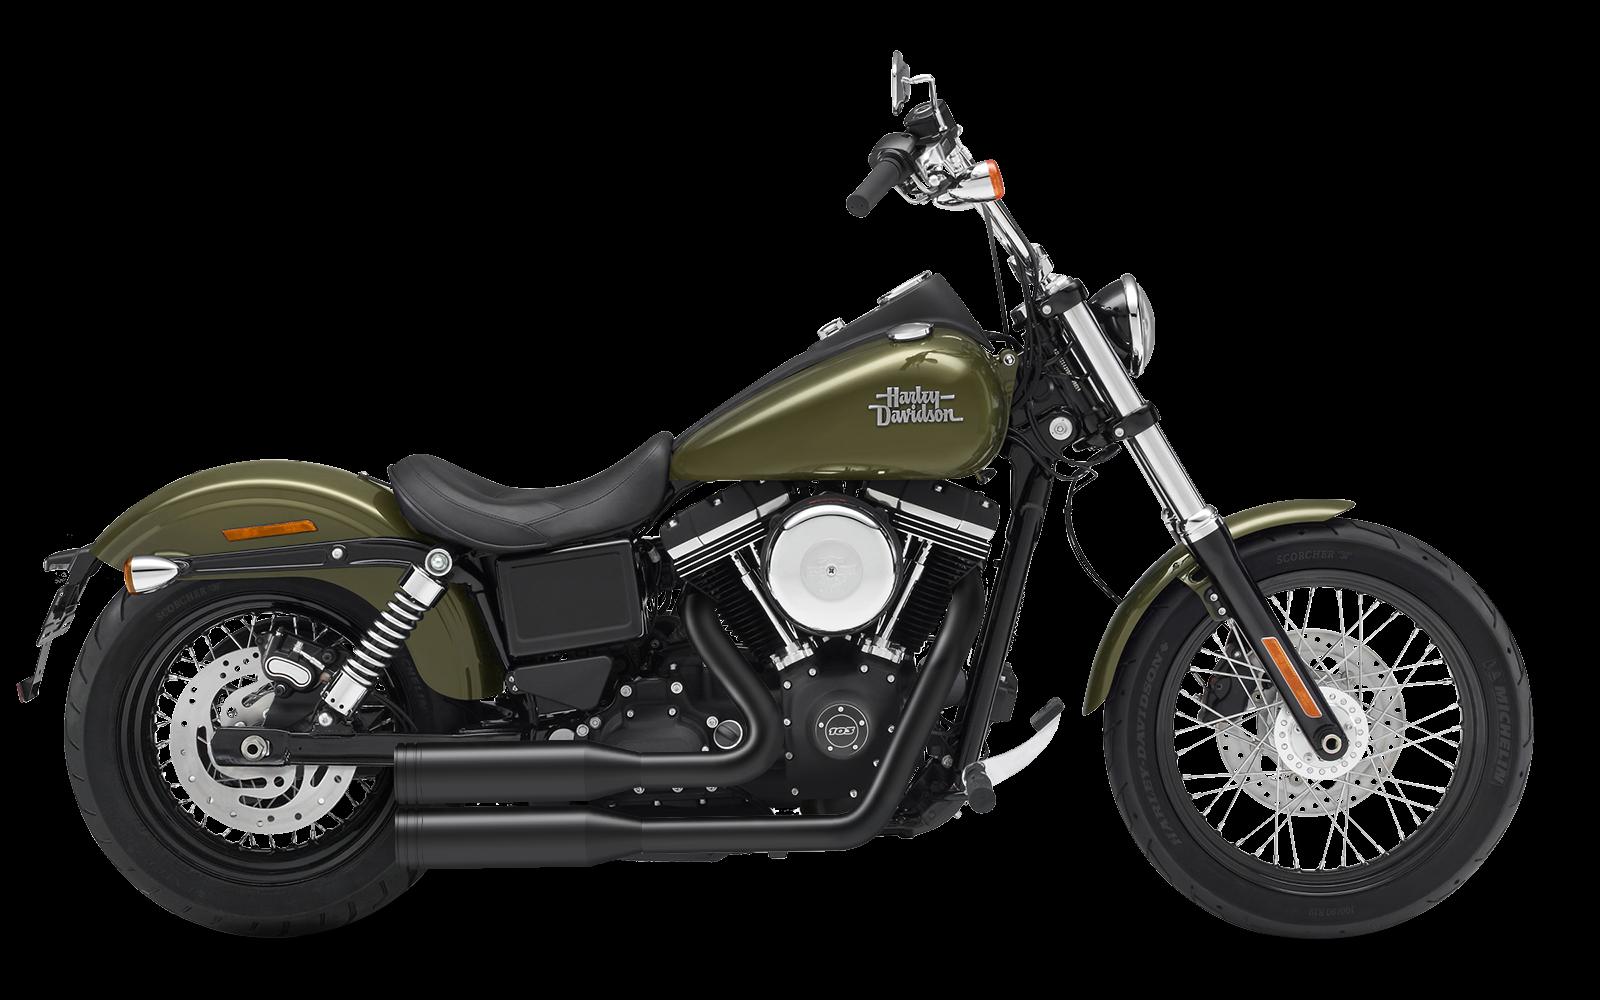 Dyna - Low Rider - TC96 - 2007-2008 - Komplettanlage verstellbar